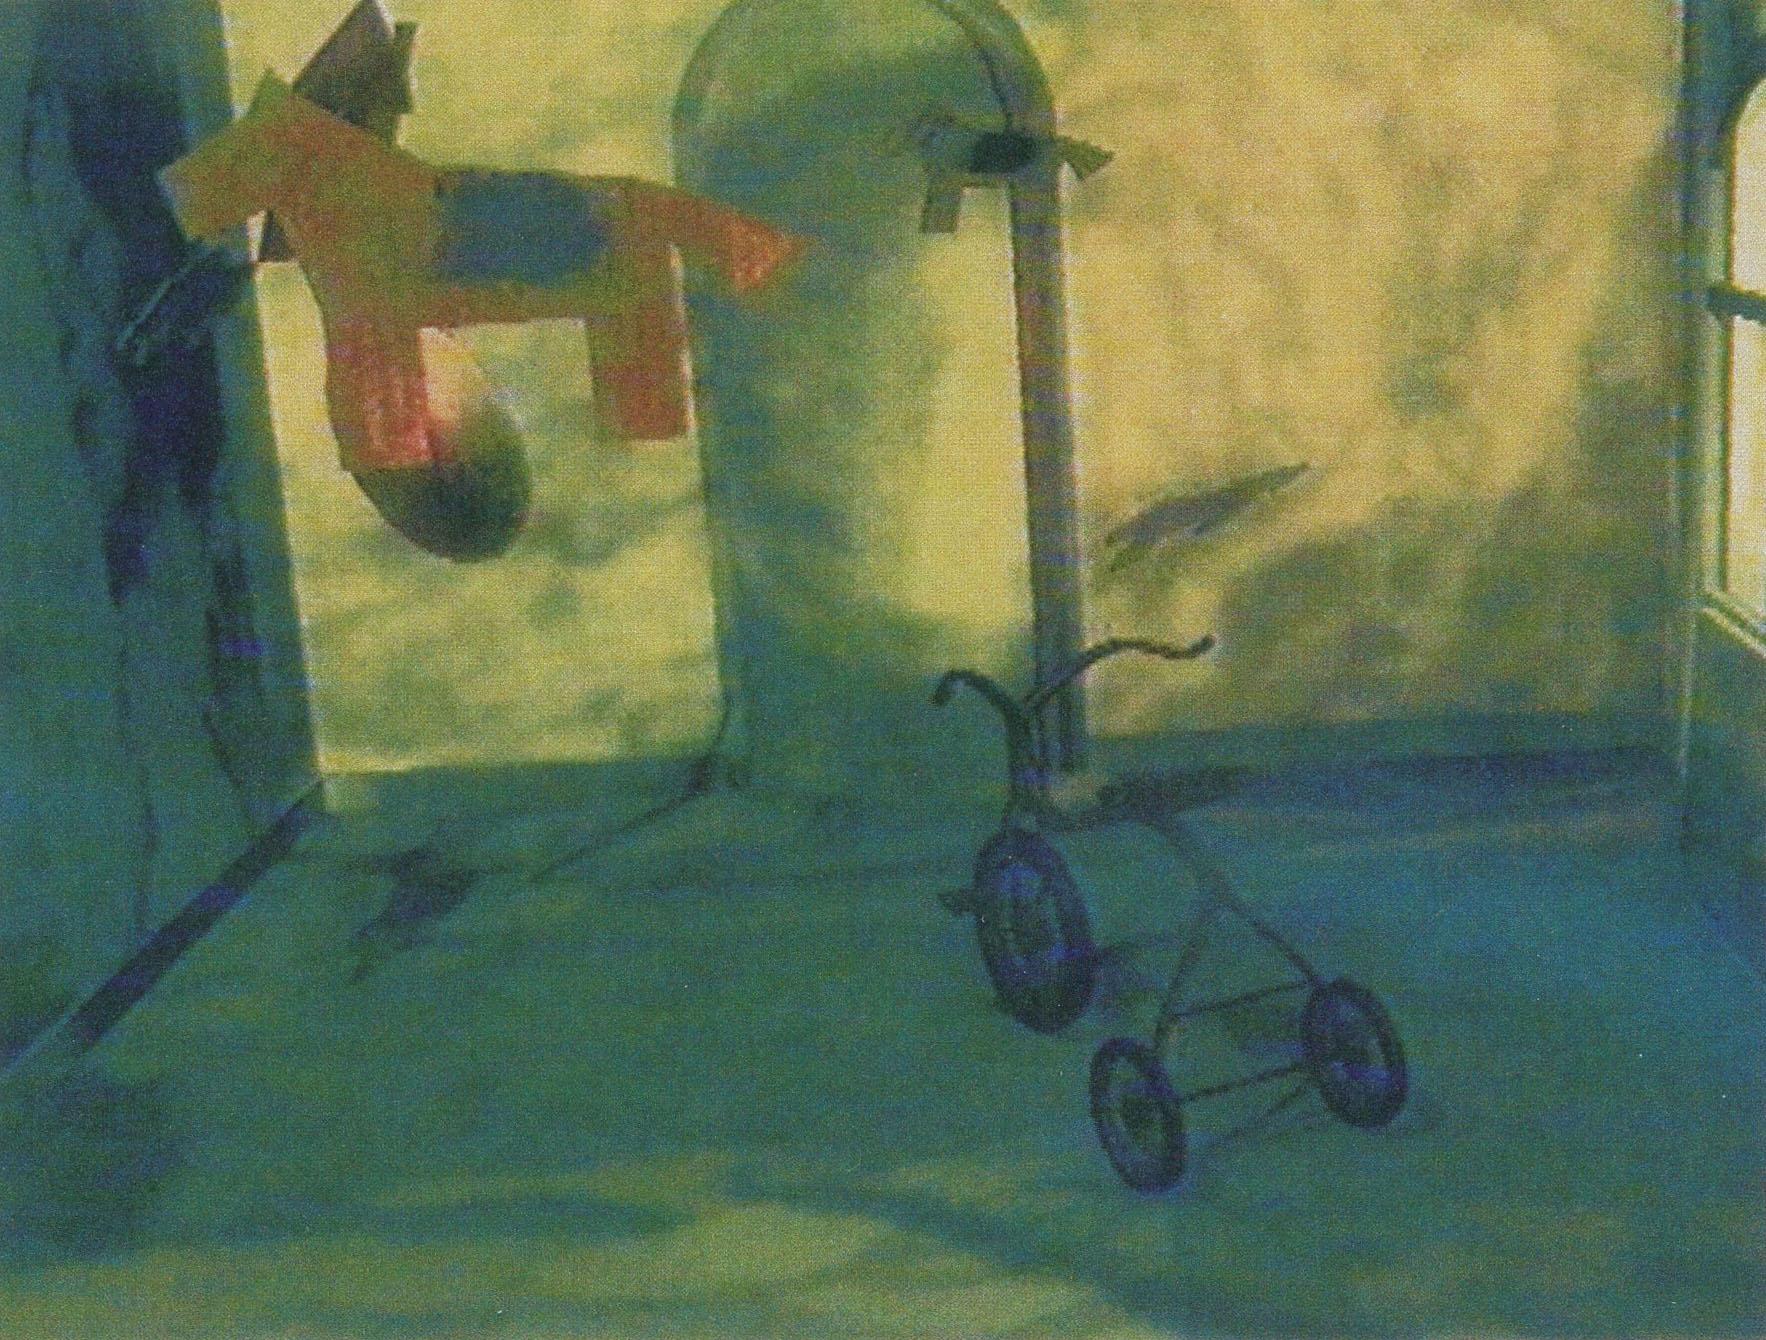 ©1994, Xavier Casadesús, Broken Childhood